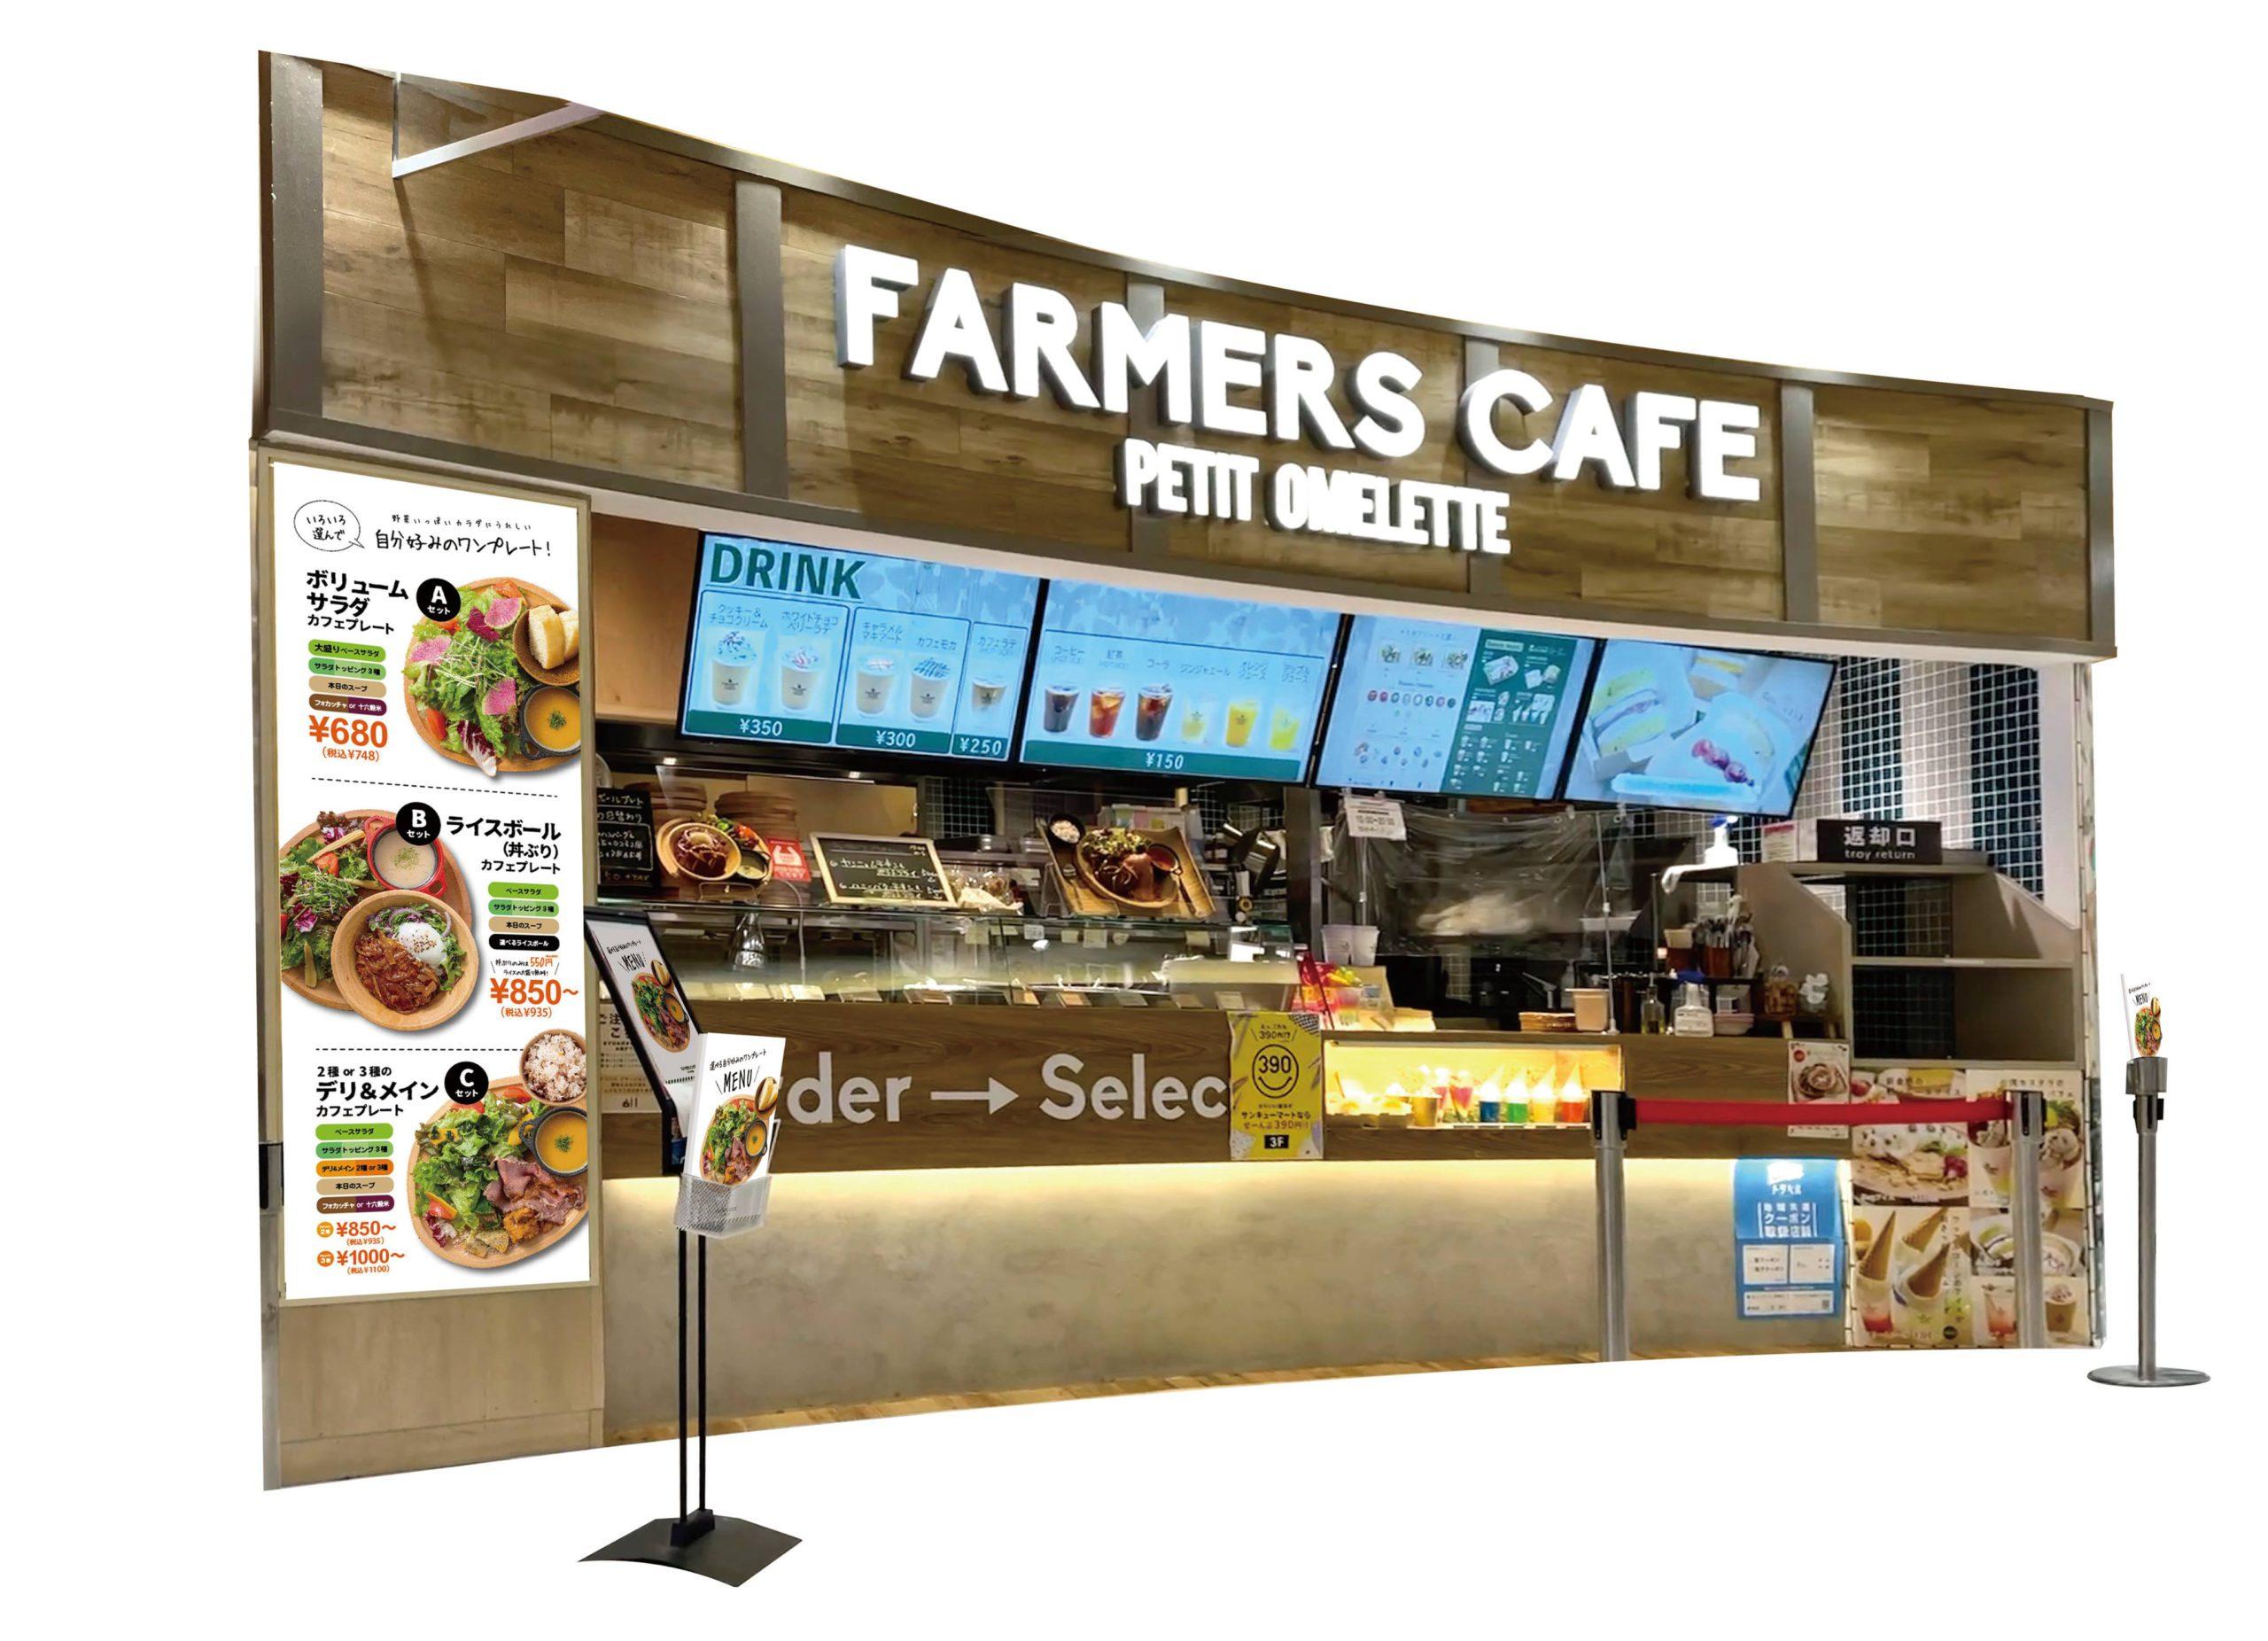 【制作事例】岡崎市イオン  FARMERS GARDEN Cafe オムレット 様 サインデザイン